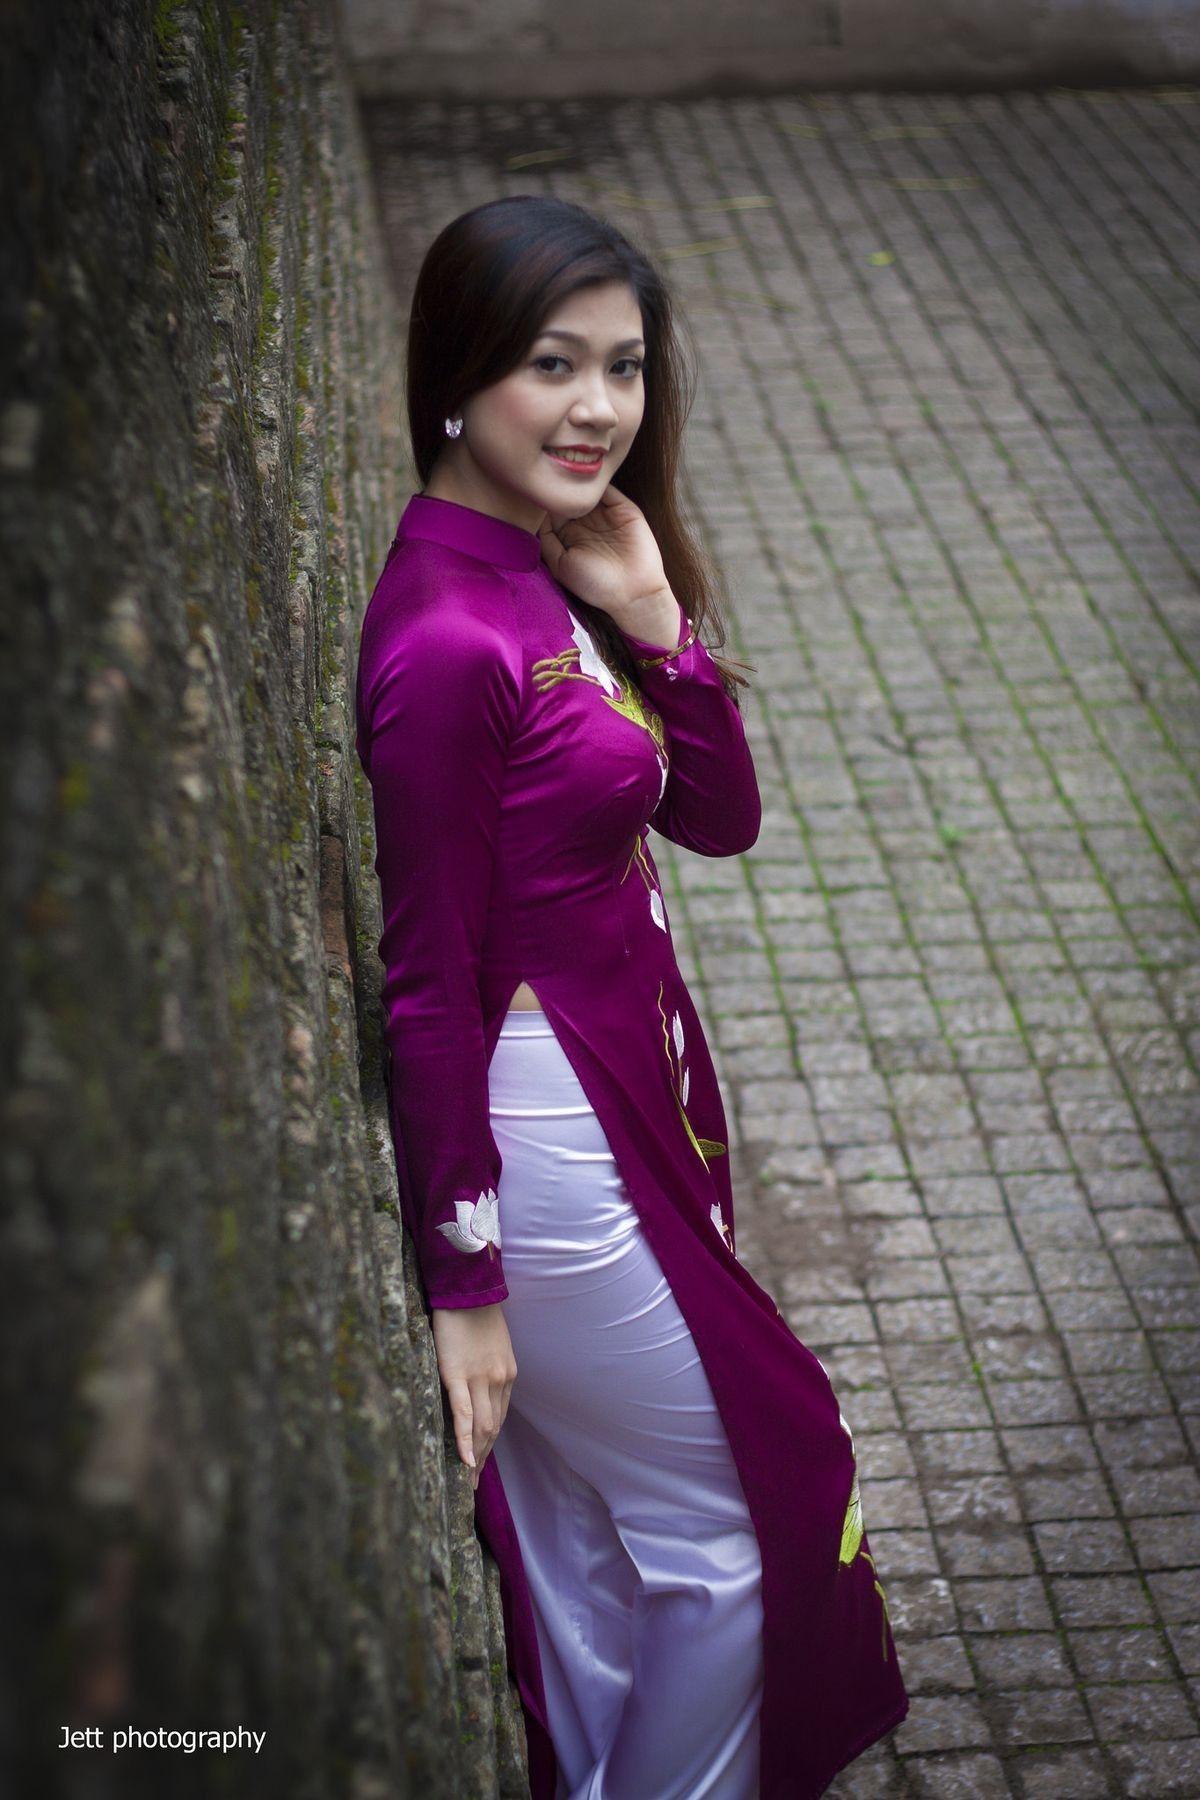 Pin de Thinh en Hi | Pinterest | Mujeres hermosas y Hermosa